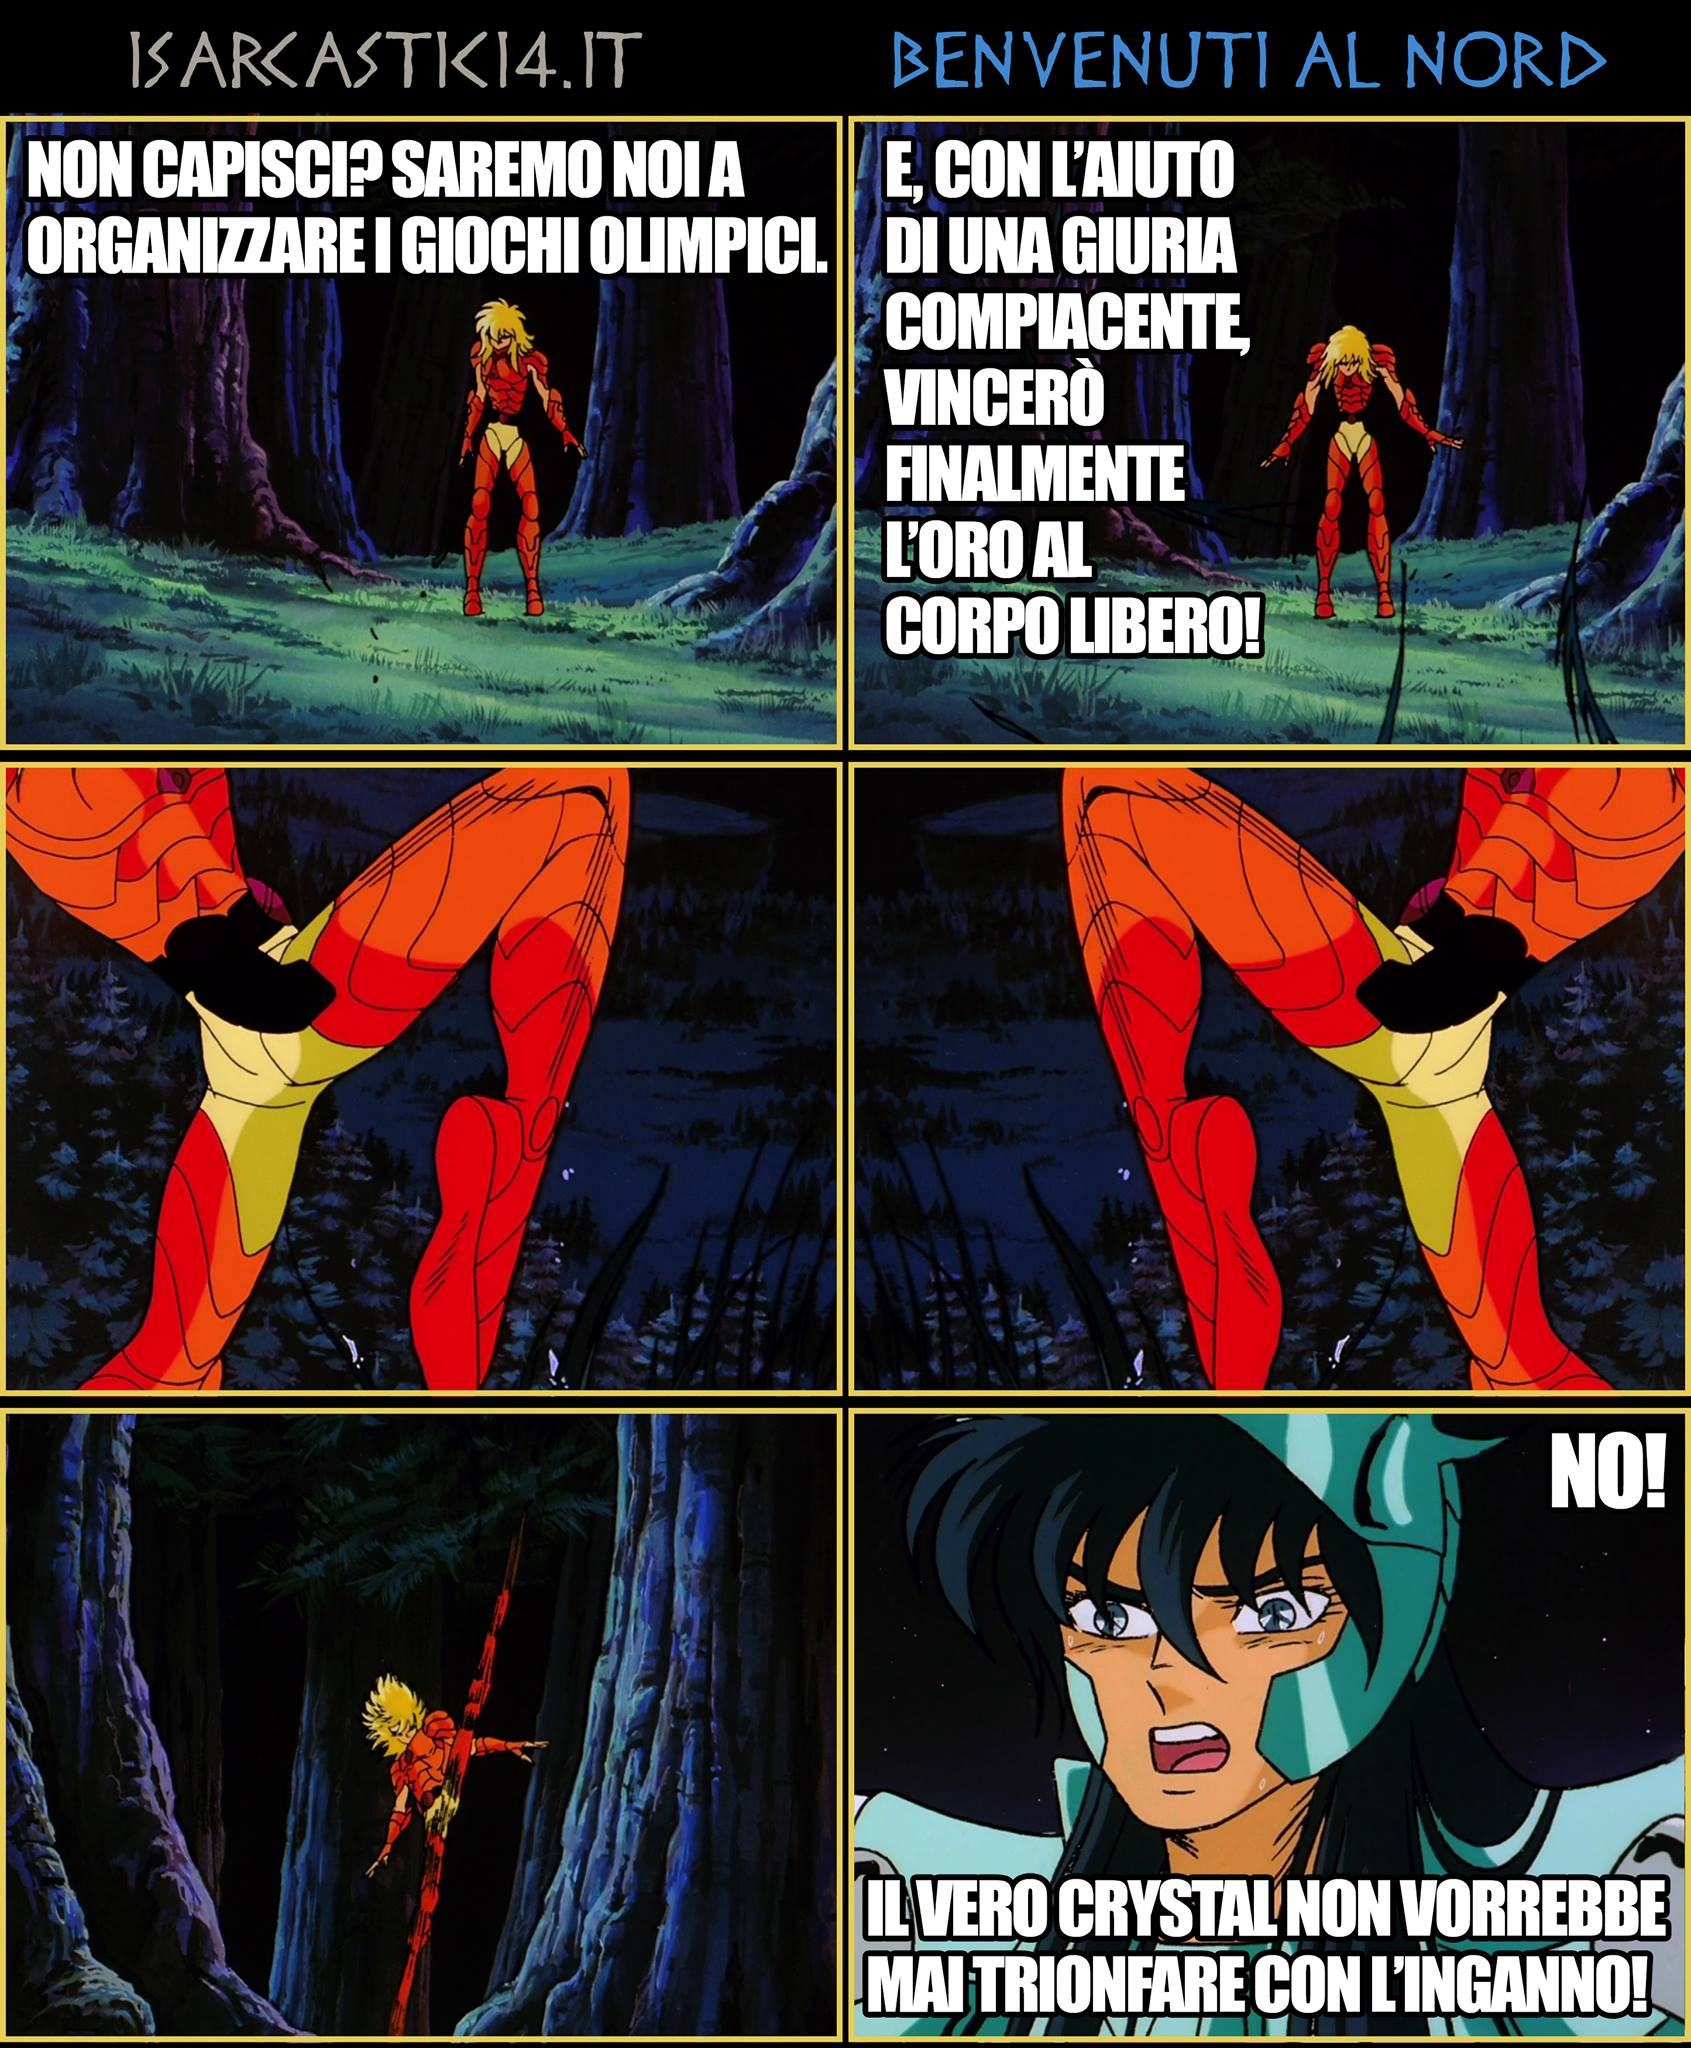 Benvenuti al Nord - La parodia a fumetti dei Cavalieri dello Zodiaco - L'ardente scontro degli dei